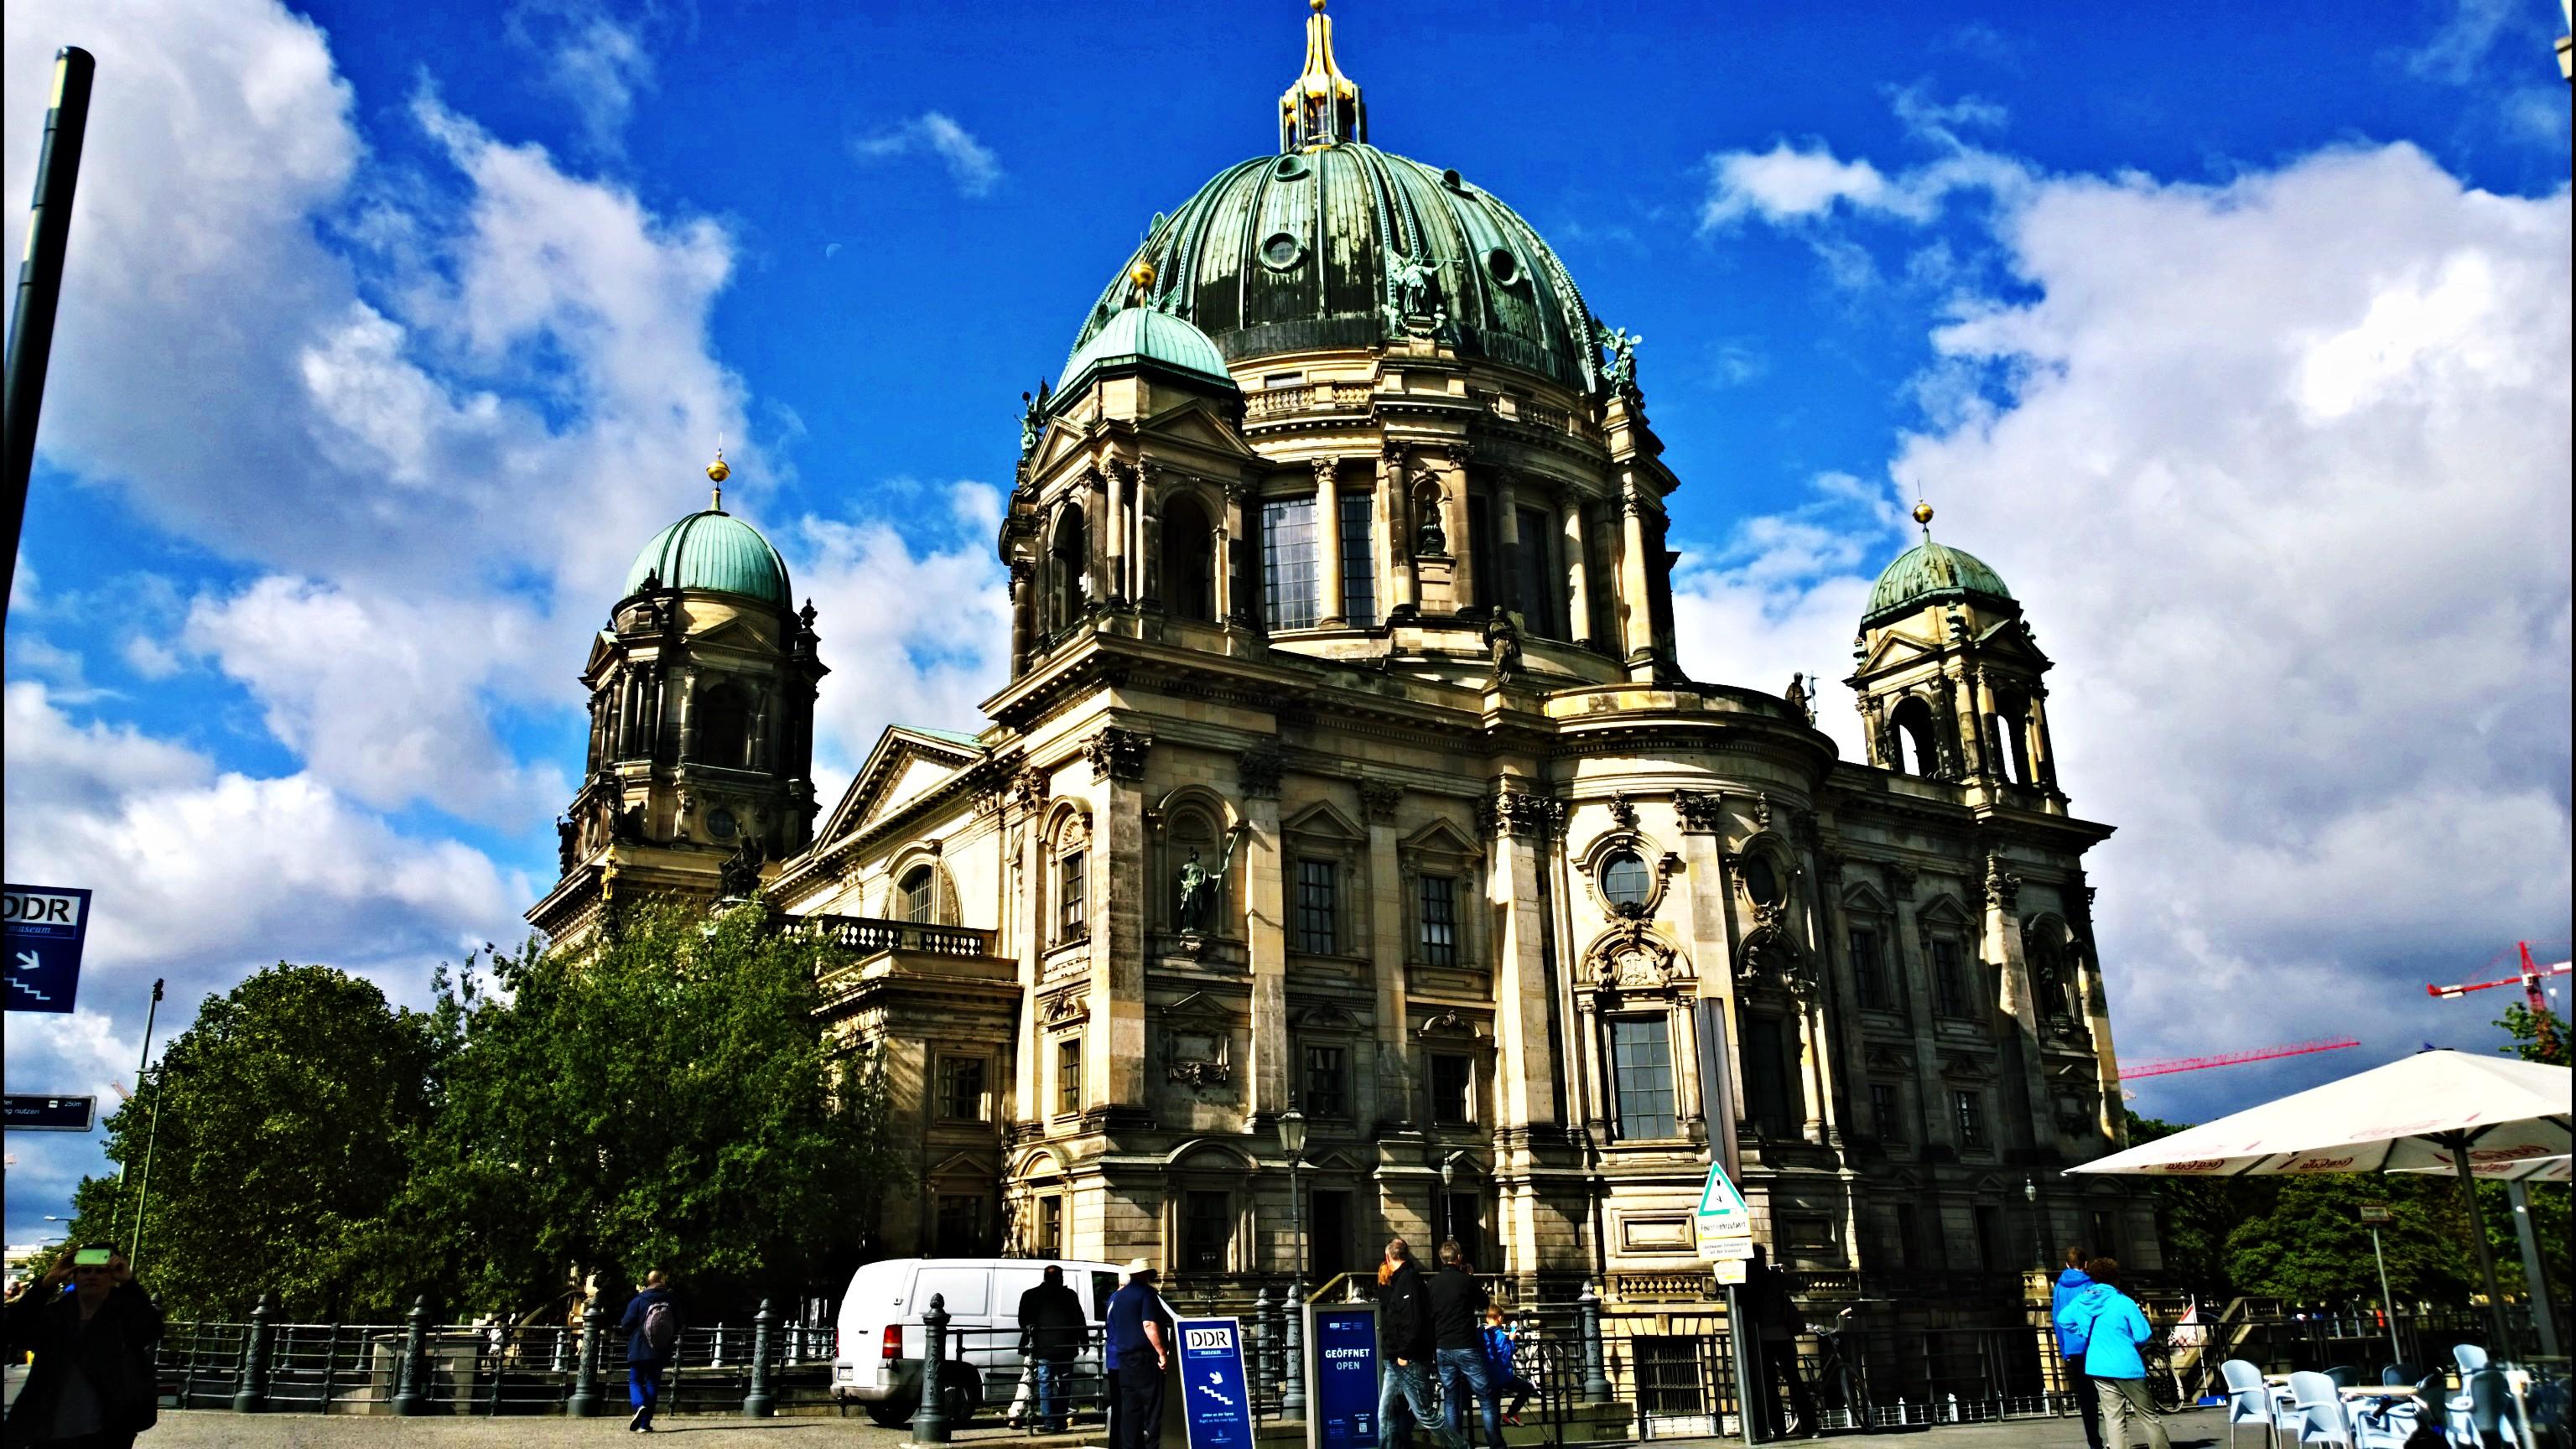 Berliner Dom / Berlinska katedrala, najveća crkva u Berlinu, otvorena 1905, visoka 115m.